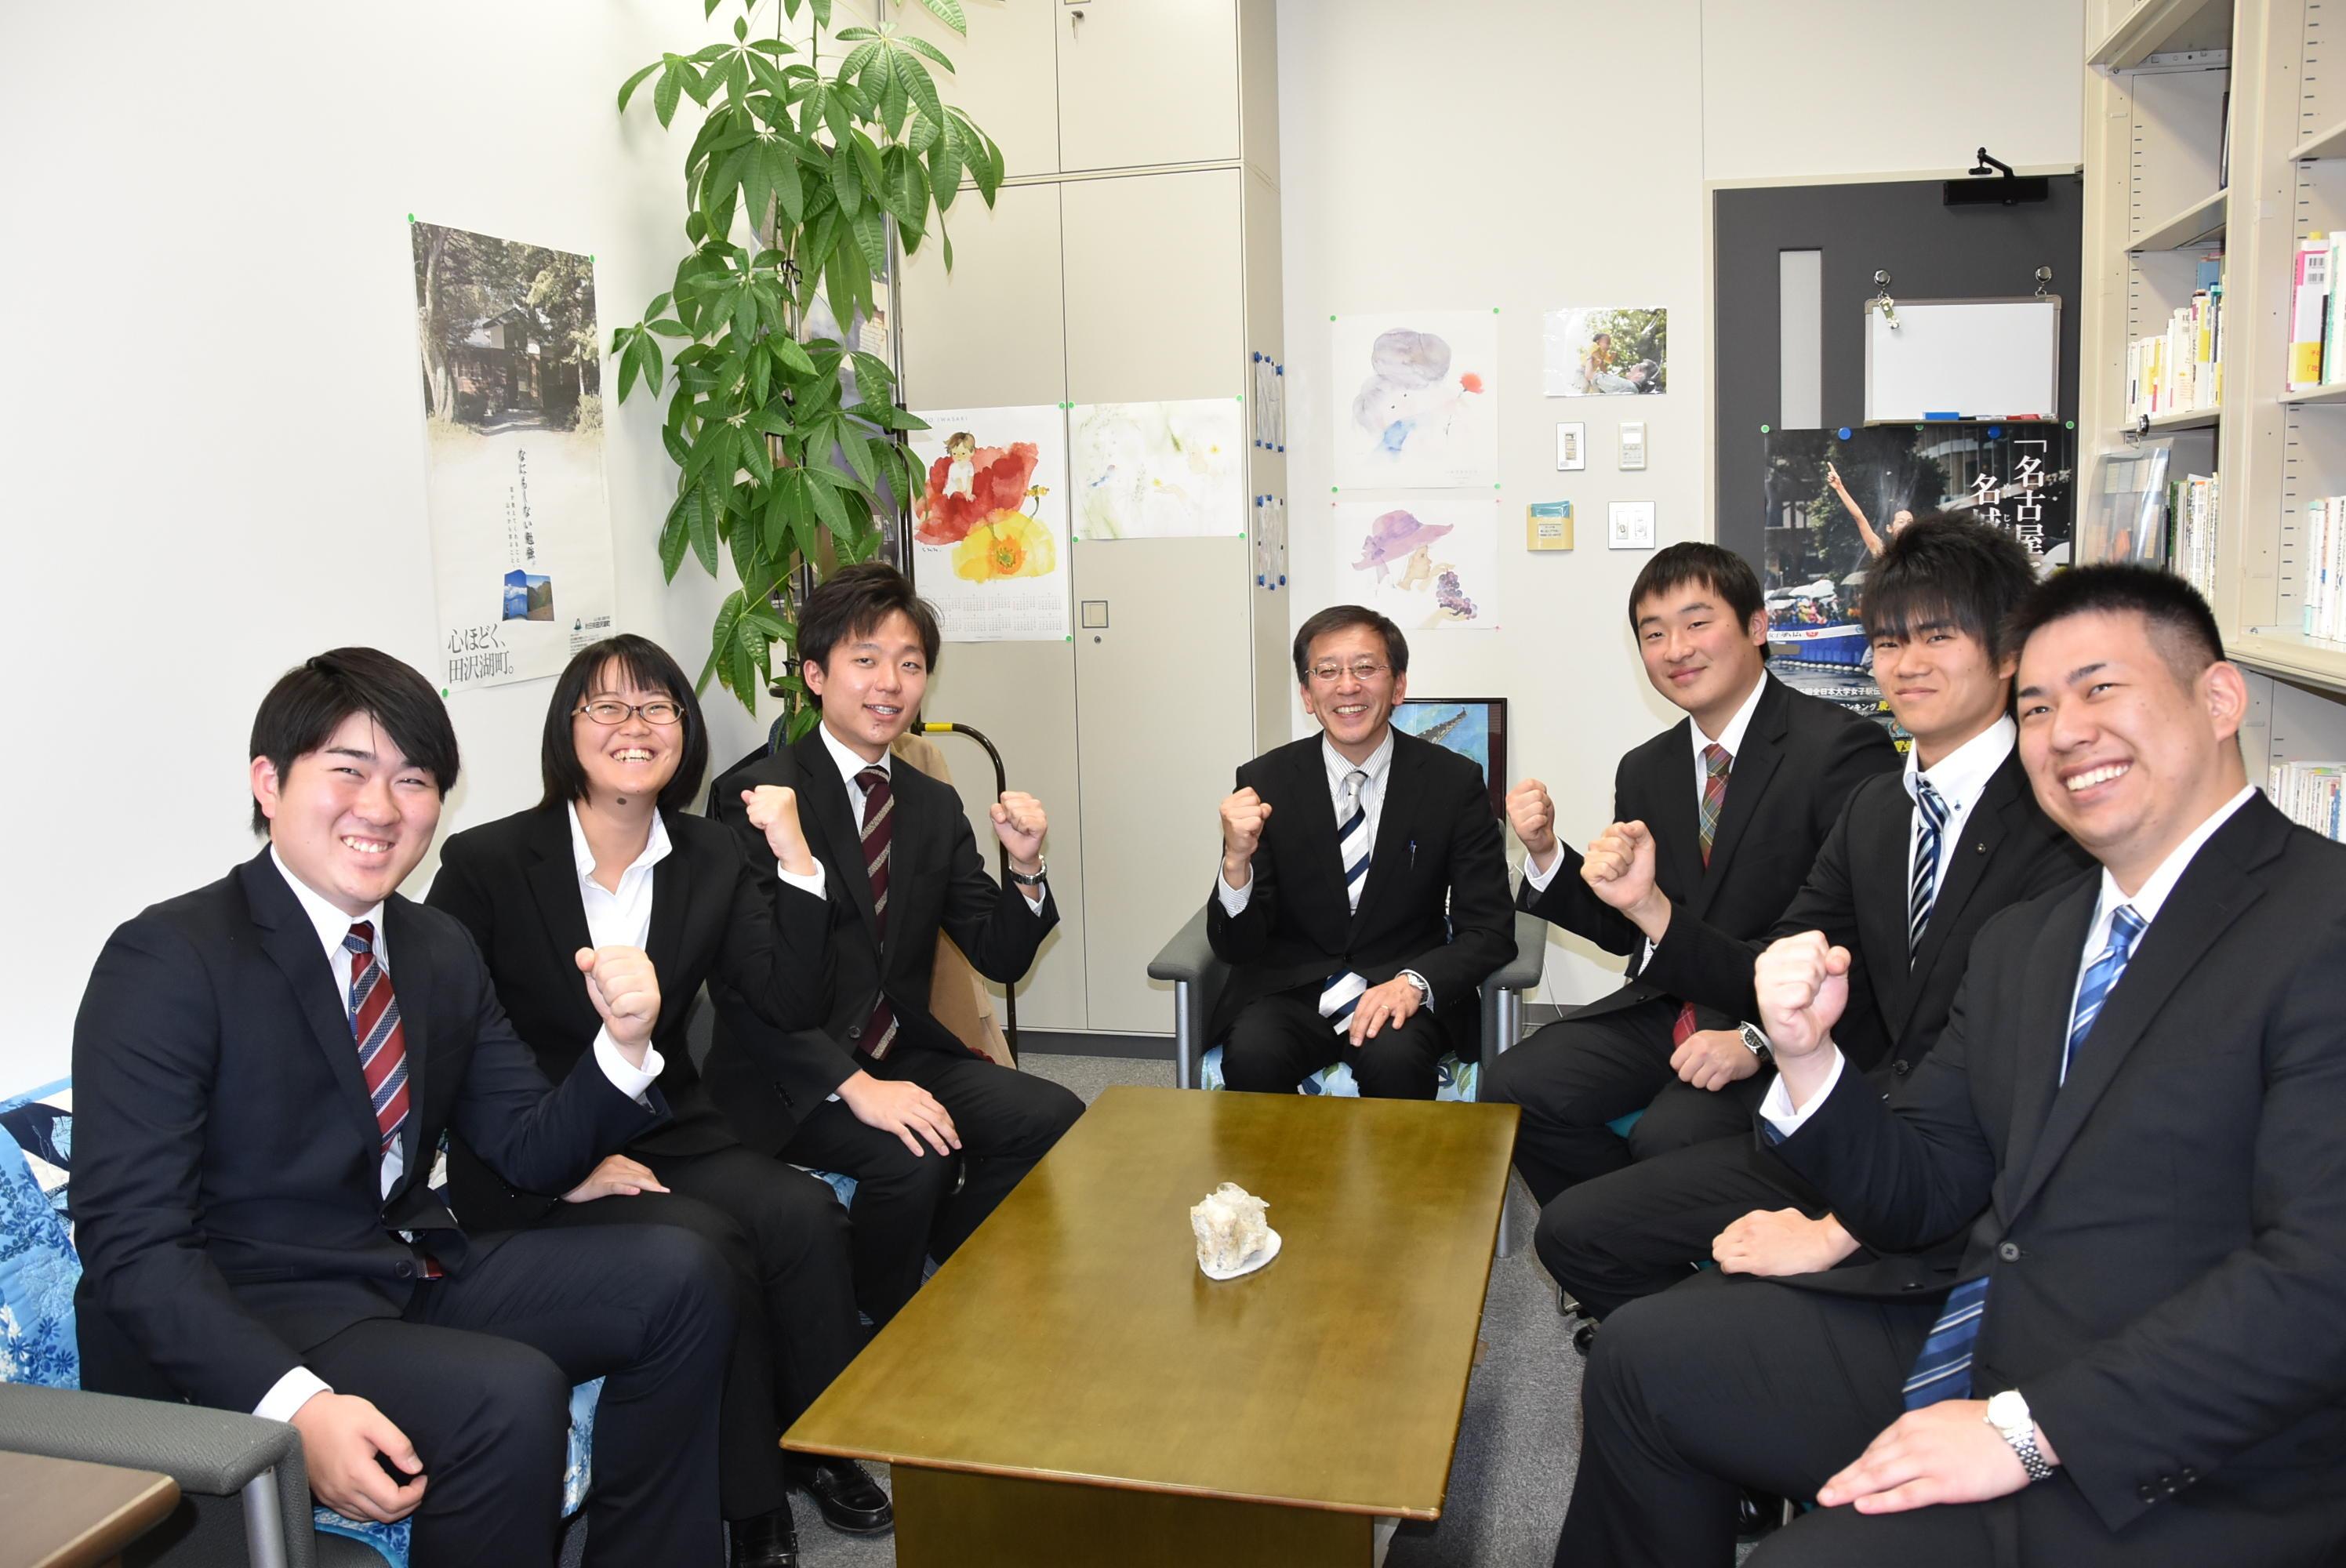 笑顔でガッツポーズする(右から)谷下さん、鳥居さん、三尾さん、曽山教授、榊原伶兼さん、村田さん、榊原有吾さん